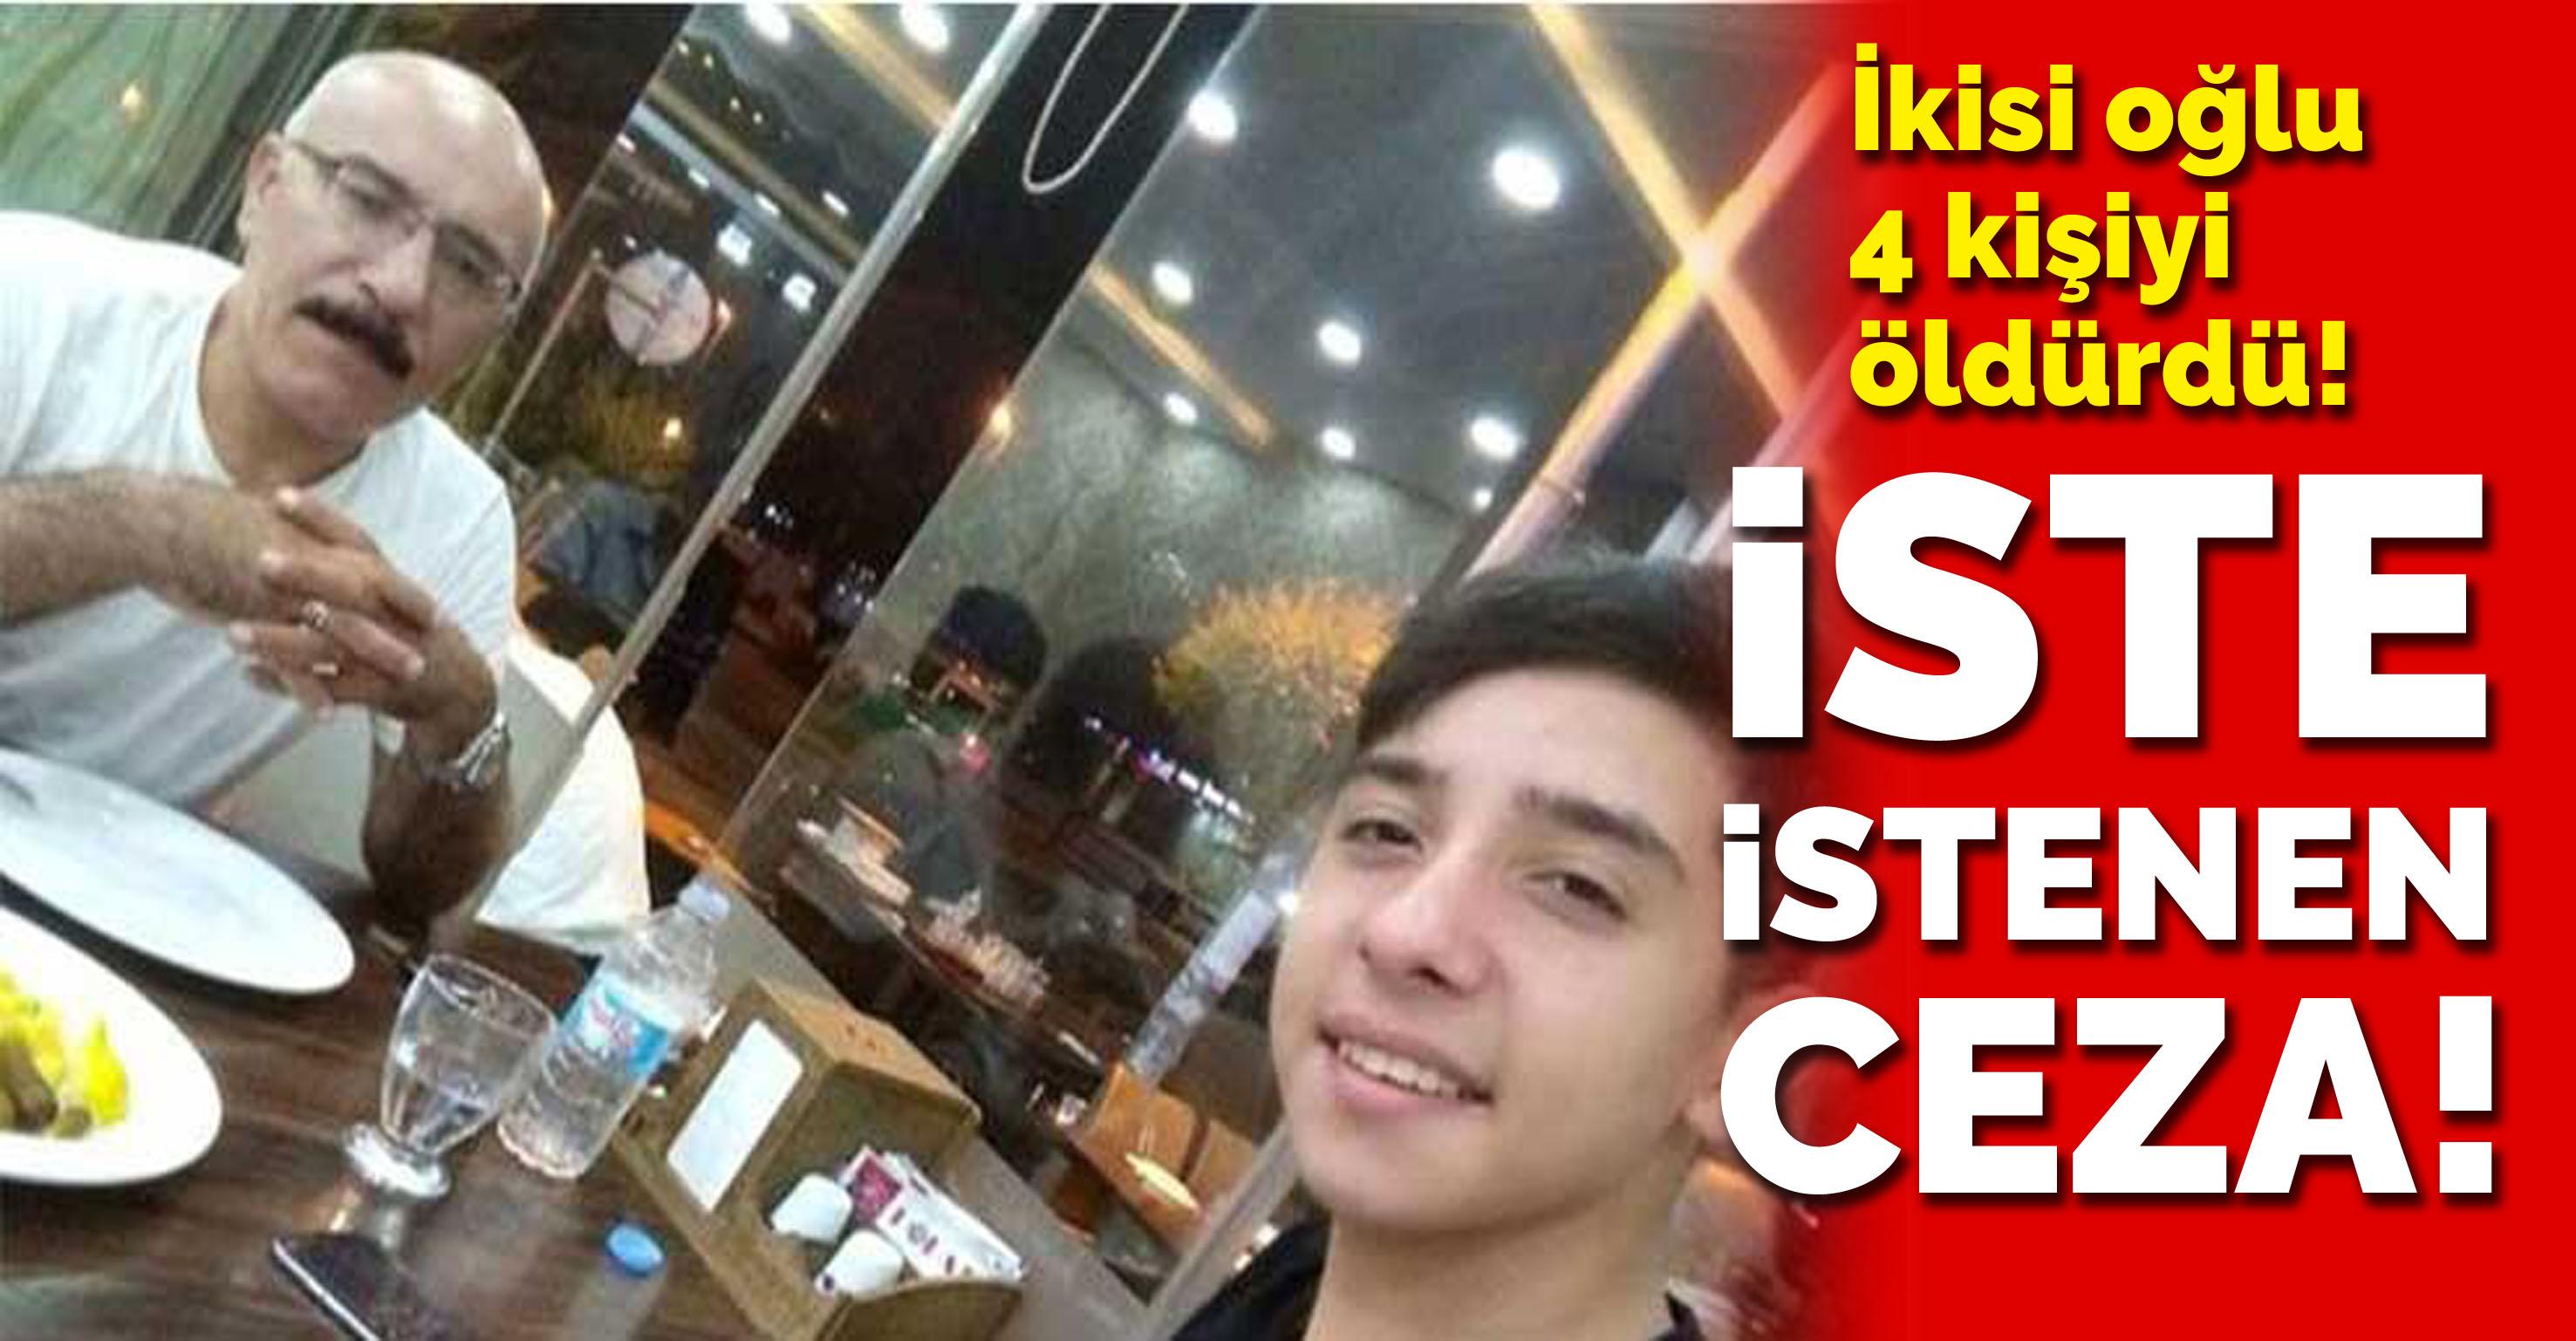 İstanbul'da ikisi oğlu 4 kişiyi öldürdü! İşte istenen ceza